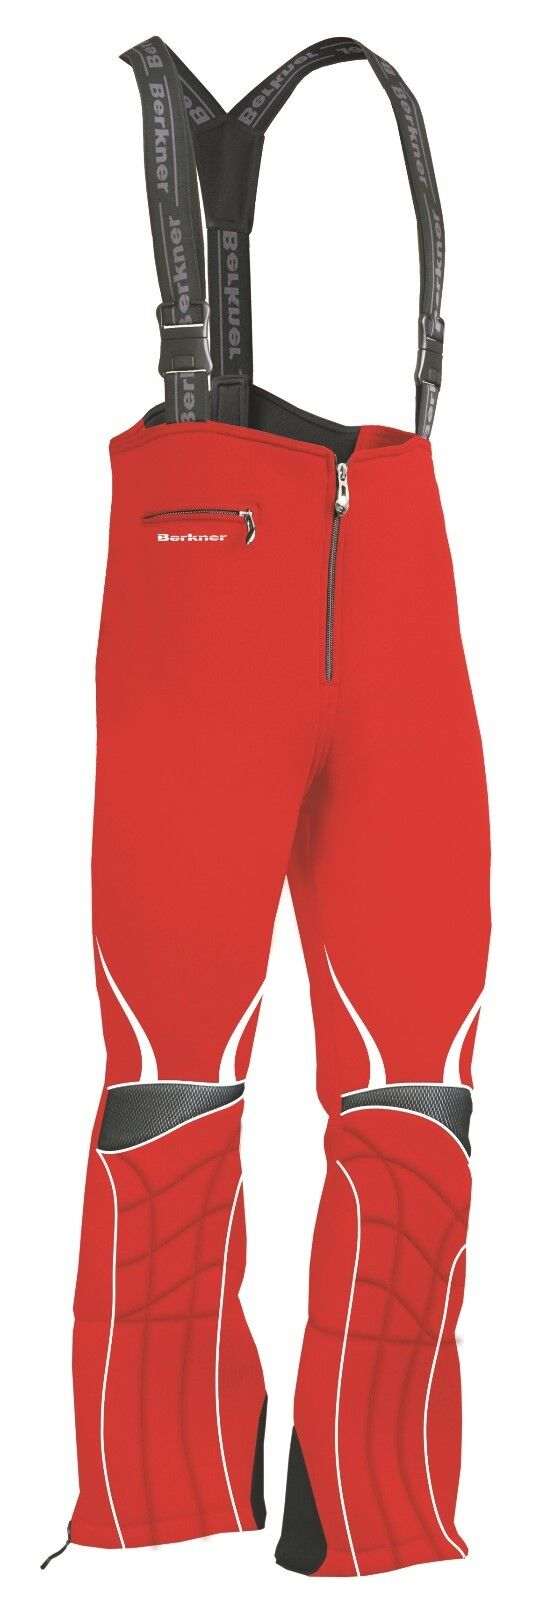 Jethose Rennhose Rennhose Rennhose Jetskihose Ski-Trainingshose BERKNER  SNOW-WAVE-NEW  in rot | Für Ihre Wahl  388b19